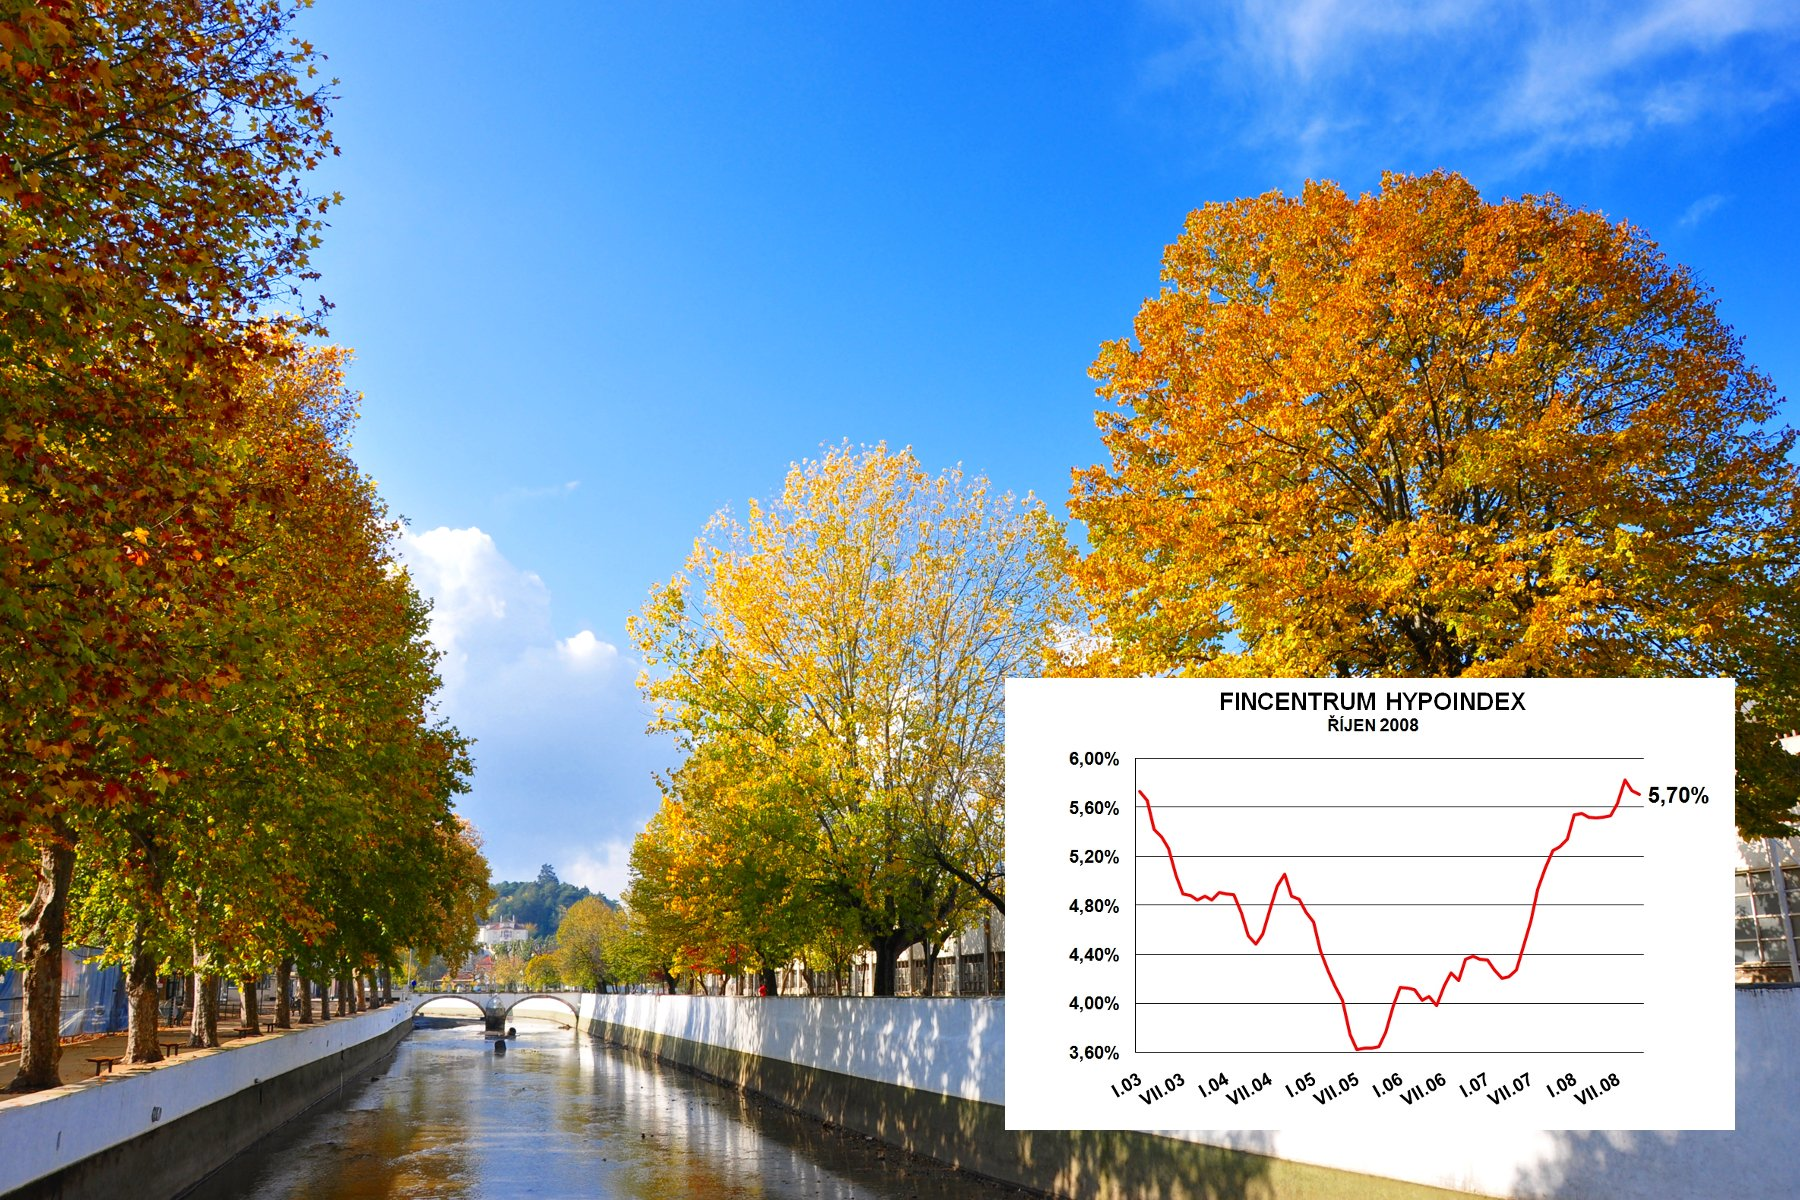 Hypoindex říjen 2008: O stupínek níže. Na jak dlouho?